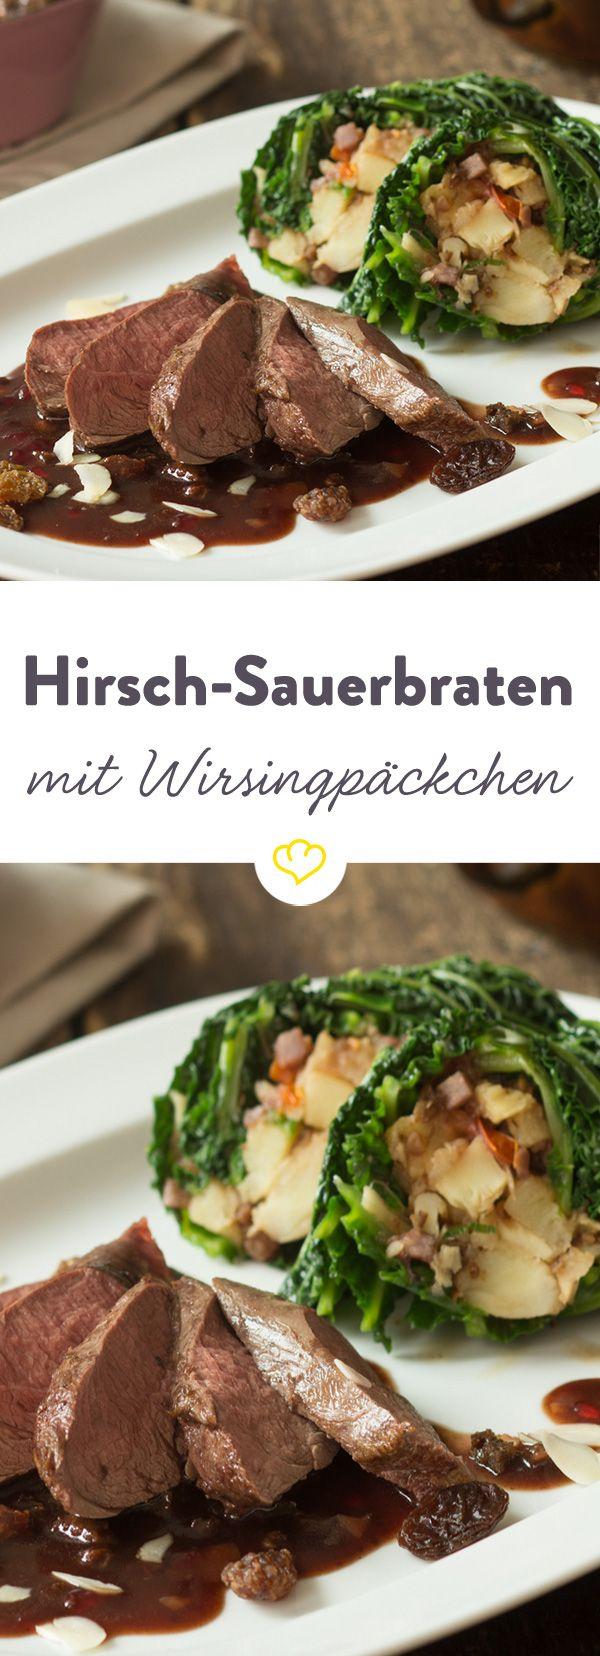 Begeistere deine Lieben mit zartem Hirschfilet, das von einer köstlichen Bratensauce umschmeichelt und von üppig gefüllten Wirsingrouladen begleitet wird.